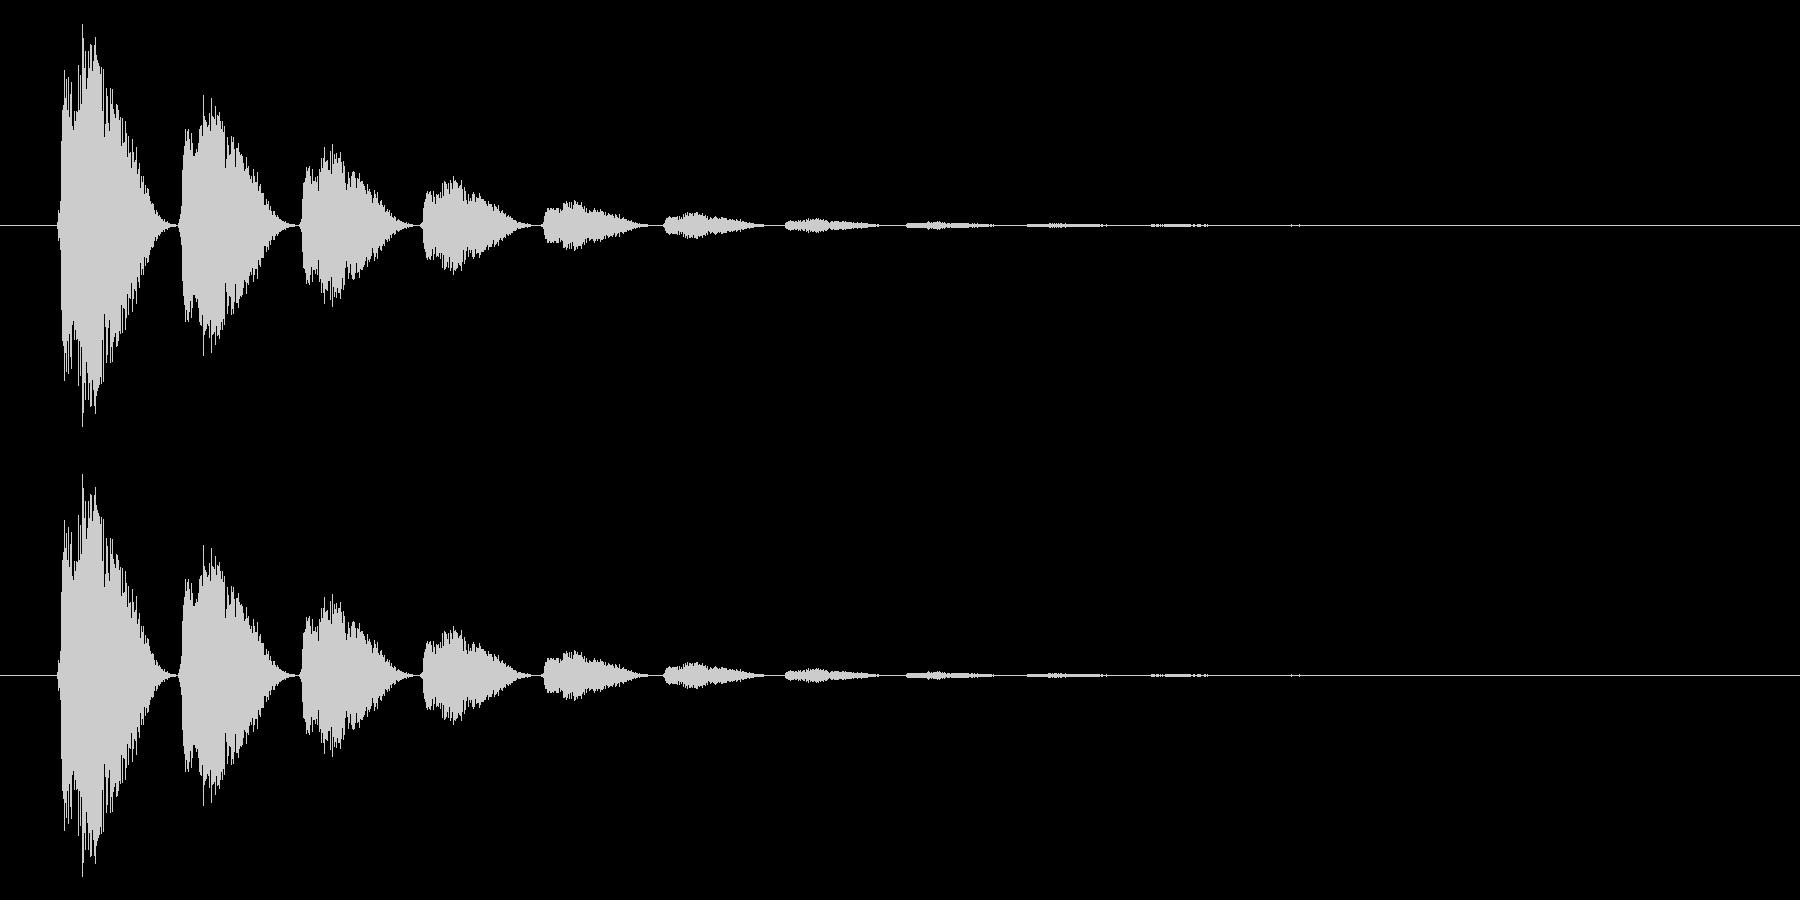 打撃06-6の未再生の波形